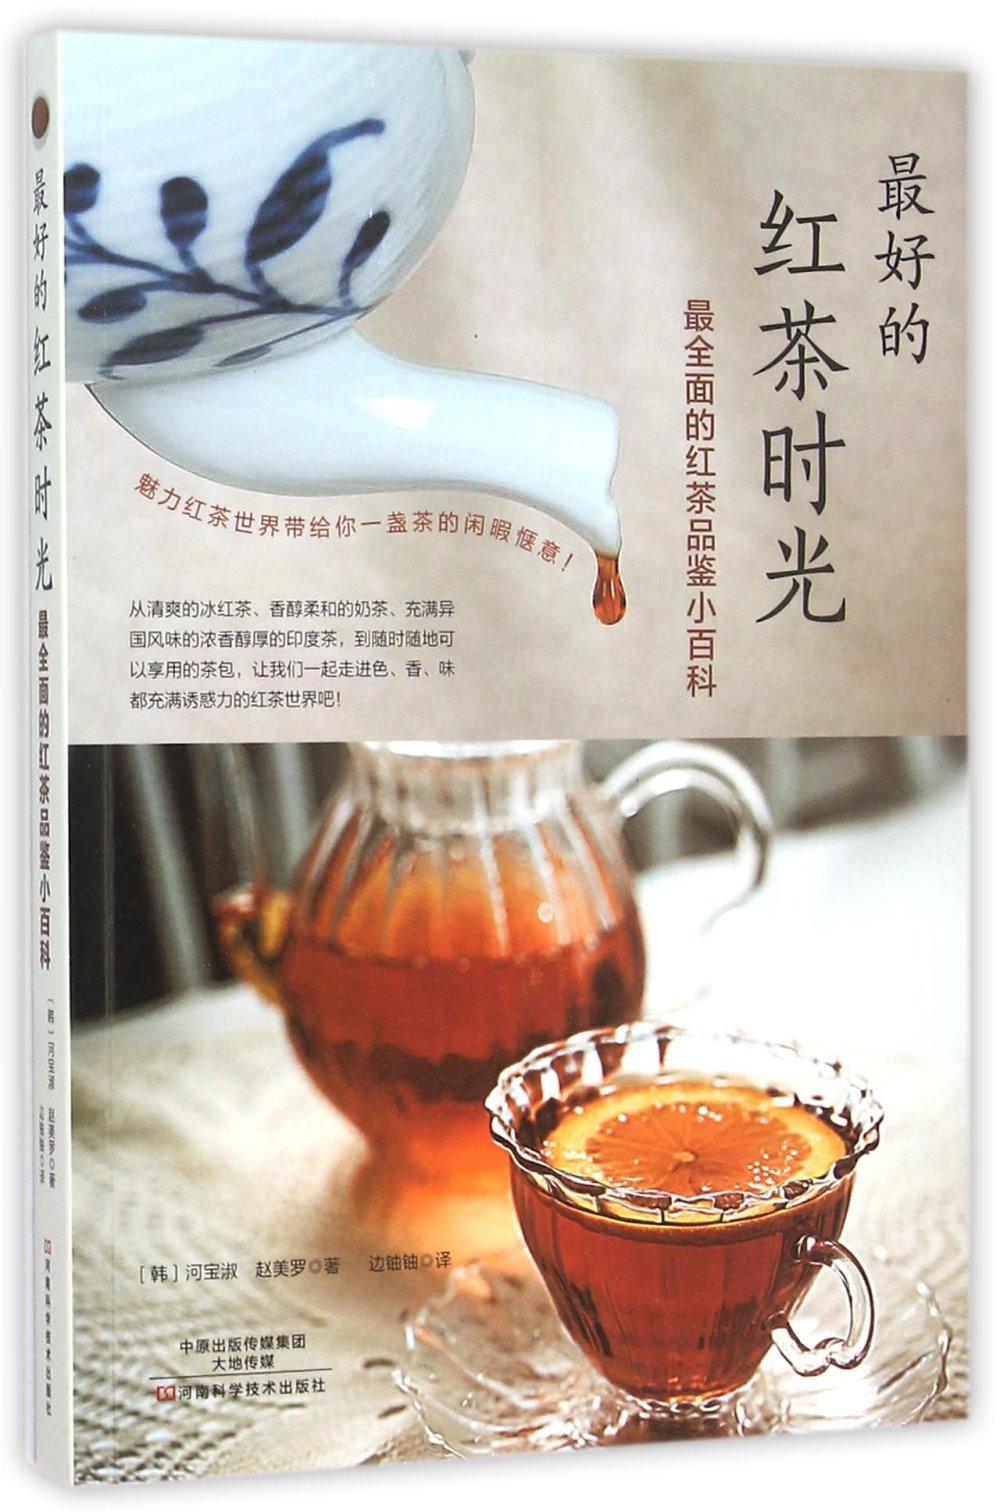 最好的紅茶時光:最全面的紅茶品鑒小百科